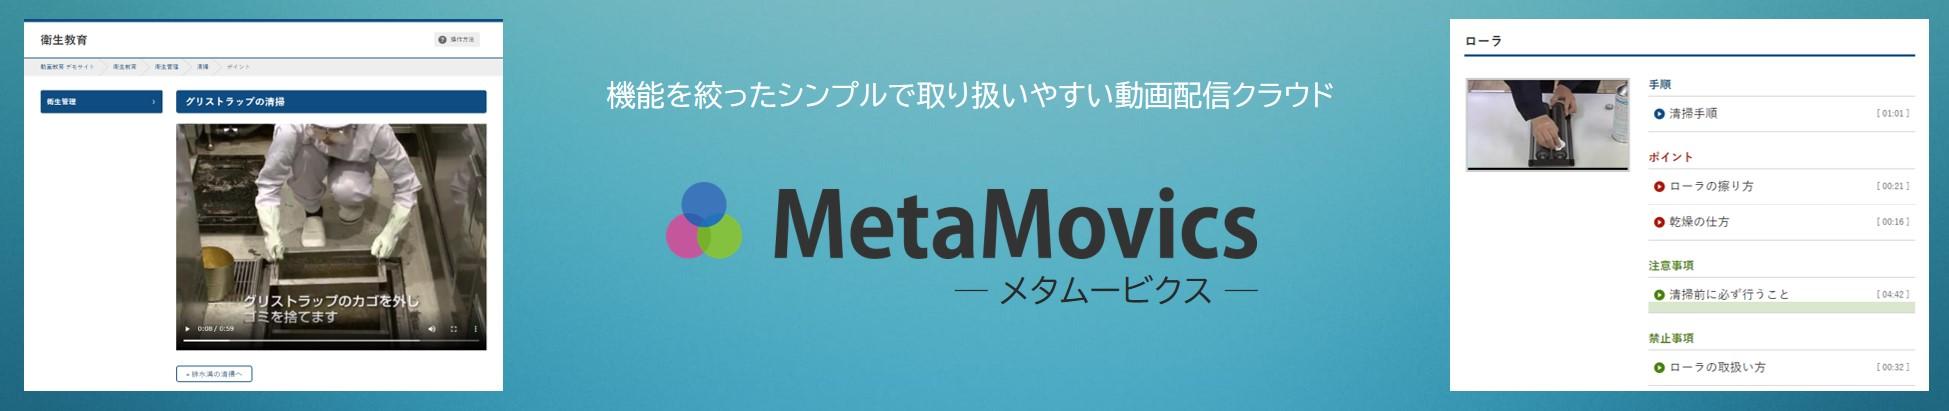 動画配信クラウドの入門版「メタムービクス」、ユーザーID数無制限、初期費用が無料になる「動画教育導入 ...